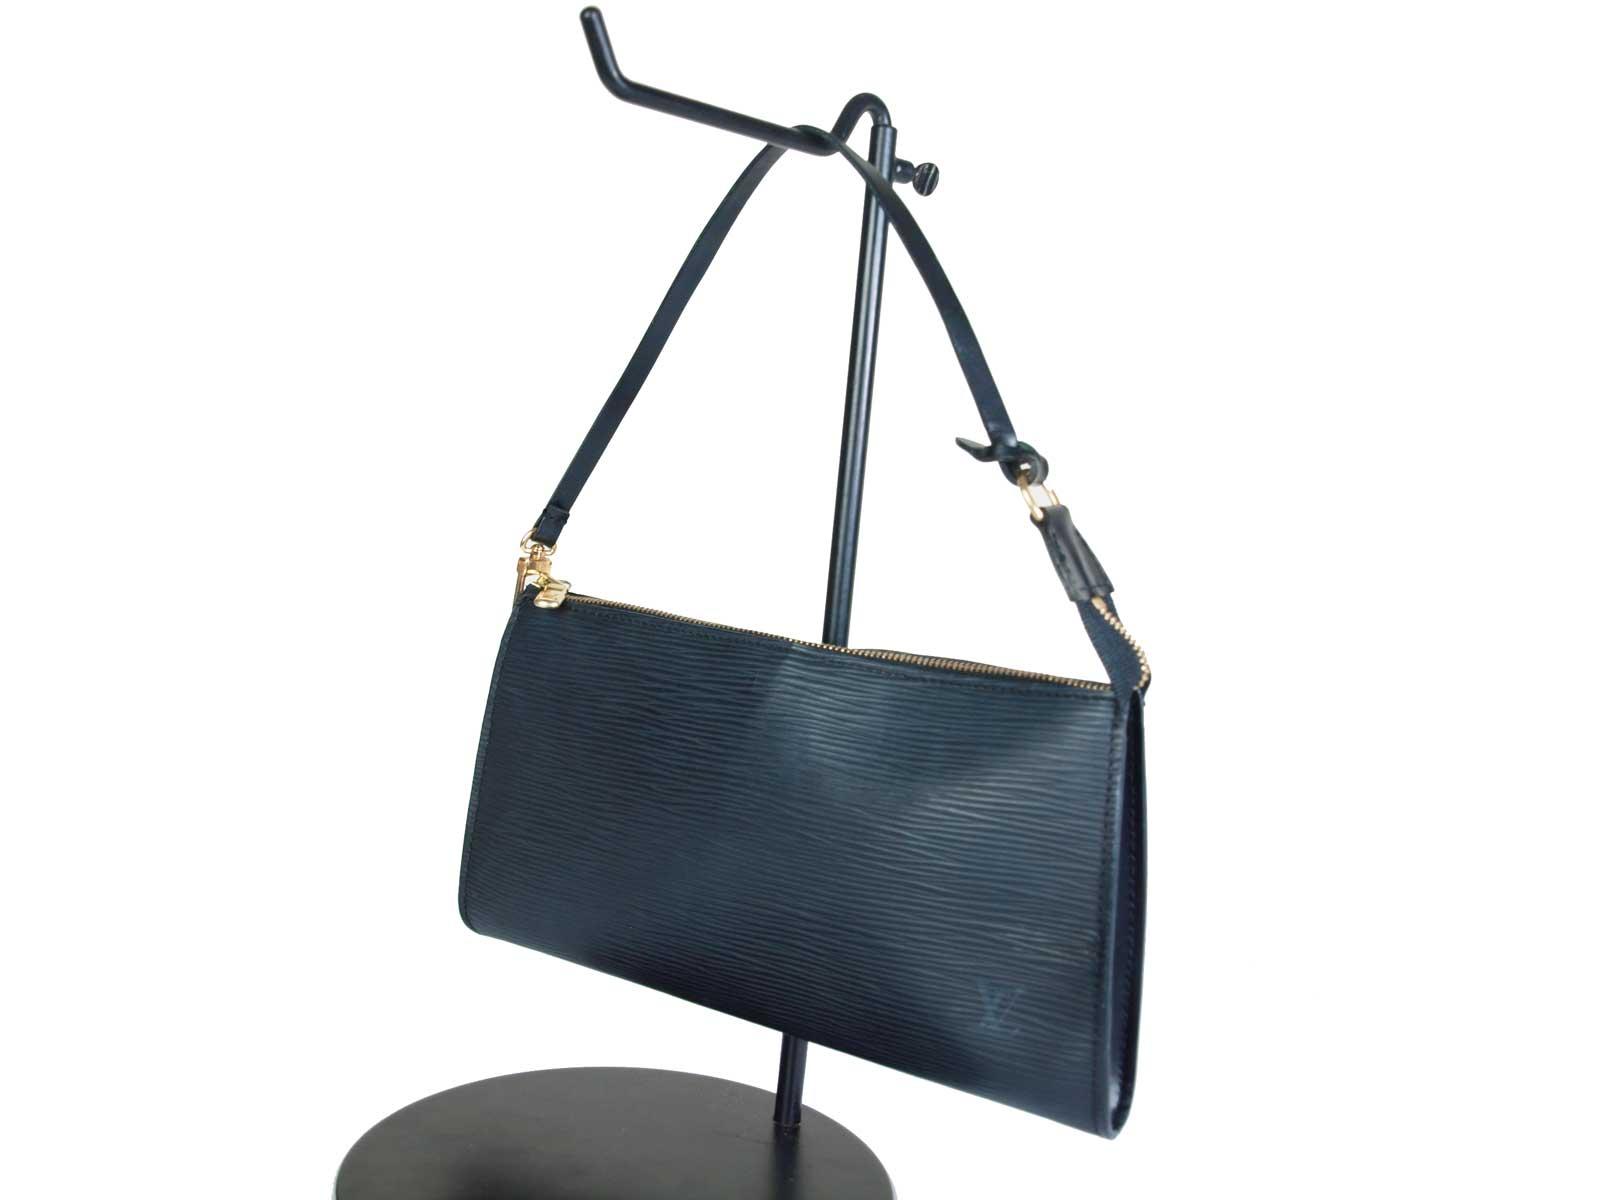 -Louis Vuitton- ルイヴィトン Pochette Accessoires Epi エピ ポシェット アクセソワール アクセサリー ポーチ ハンドバッグ【ブラック】【レディース】【中古】